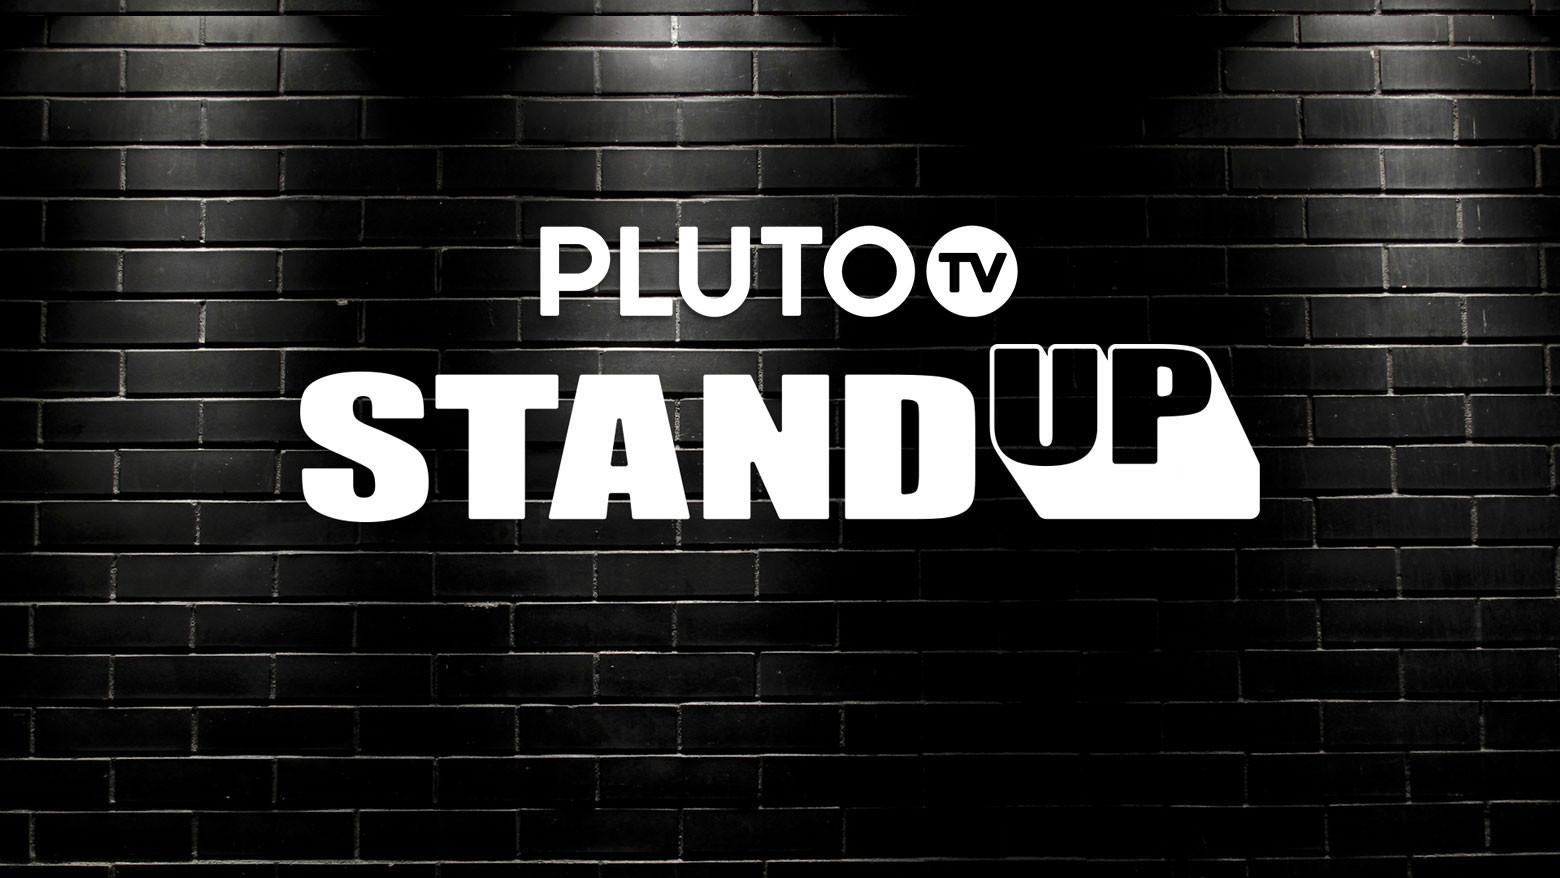 Pluto TV Stand up featuredImage.jpg